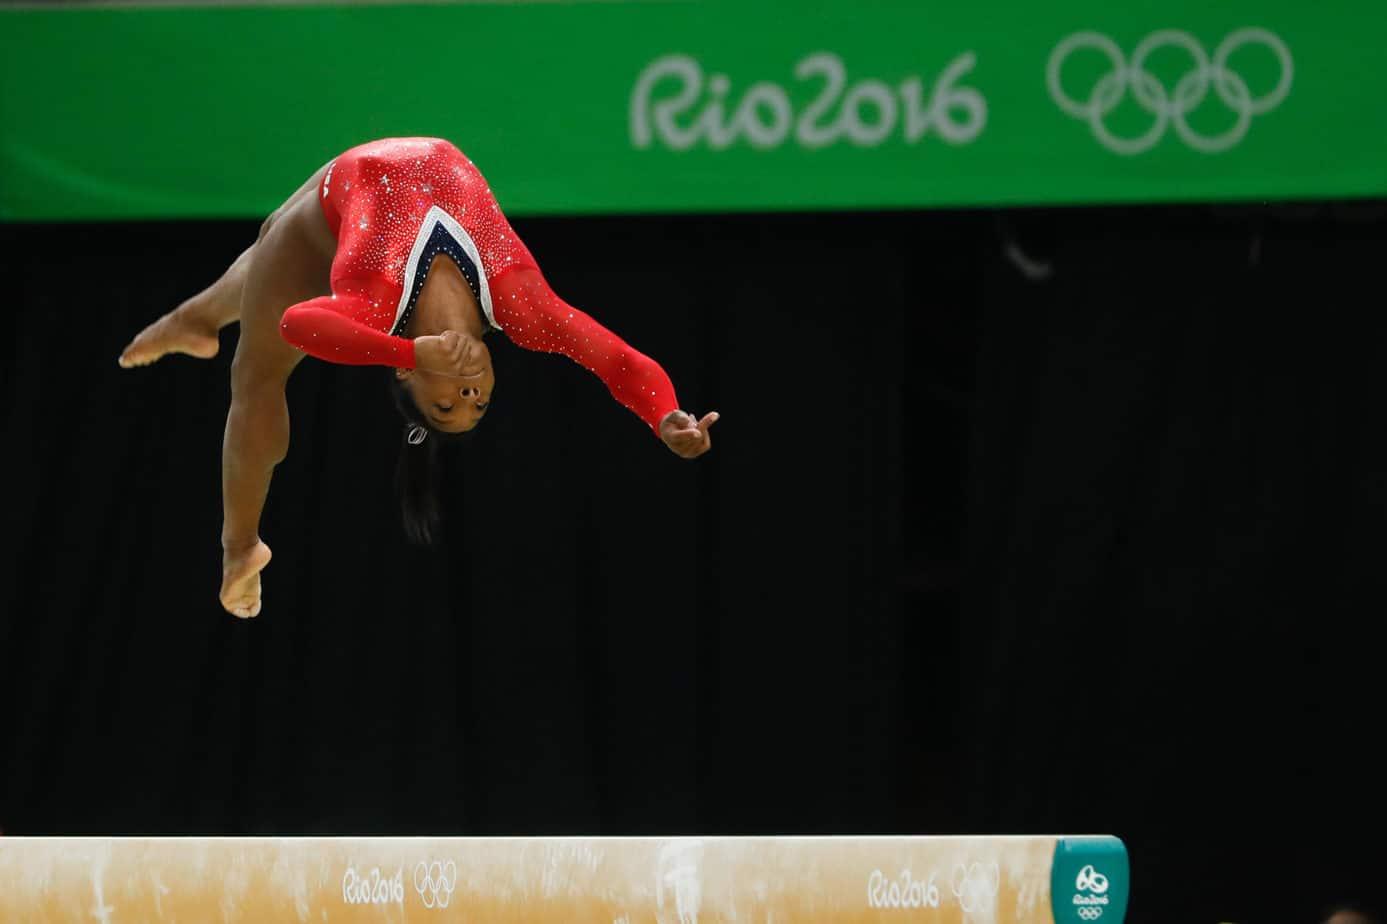 Simone Biles na prova final da trave nos Jogos Olímpicos Rio 2016 scaled